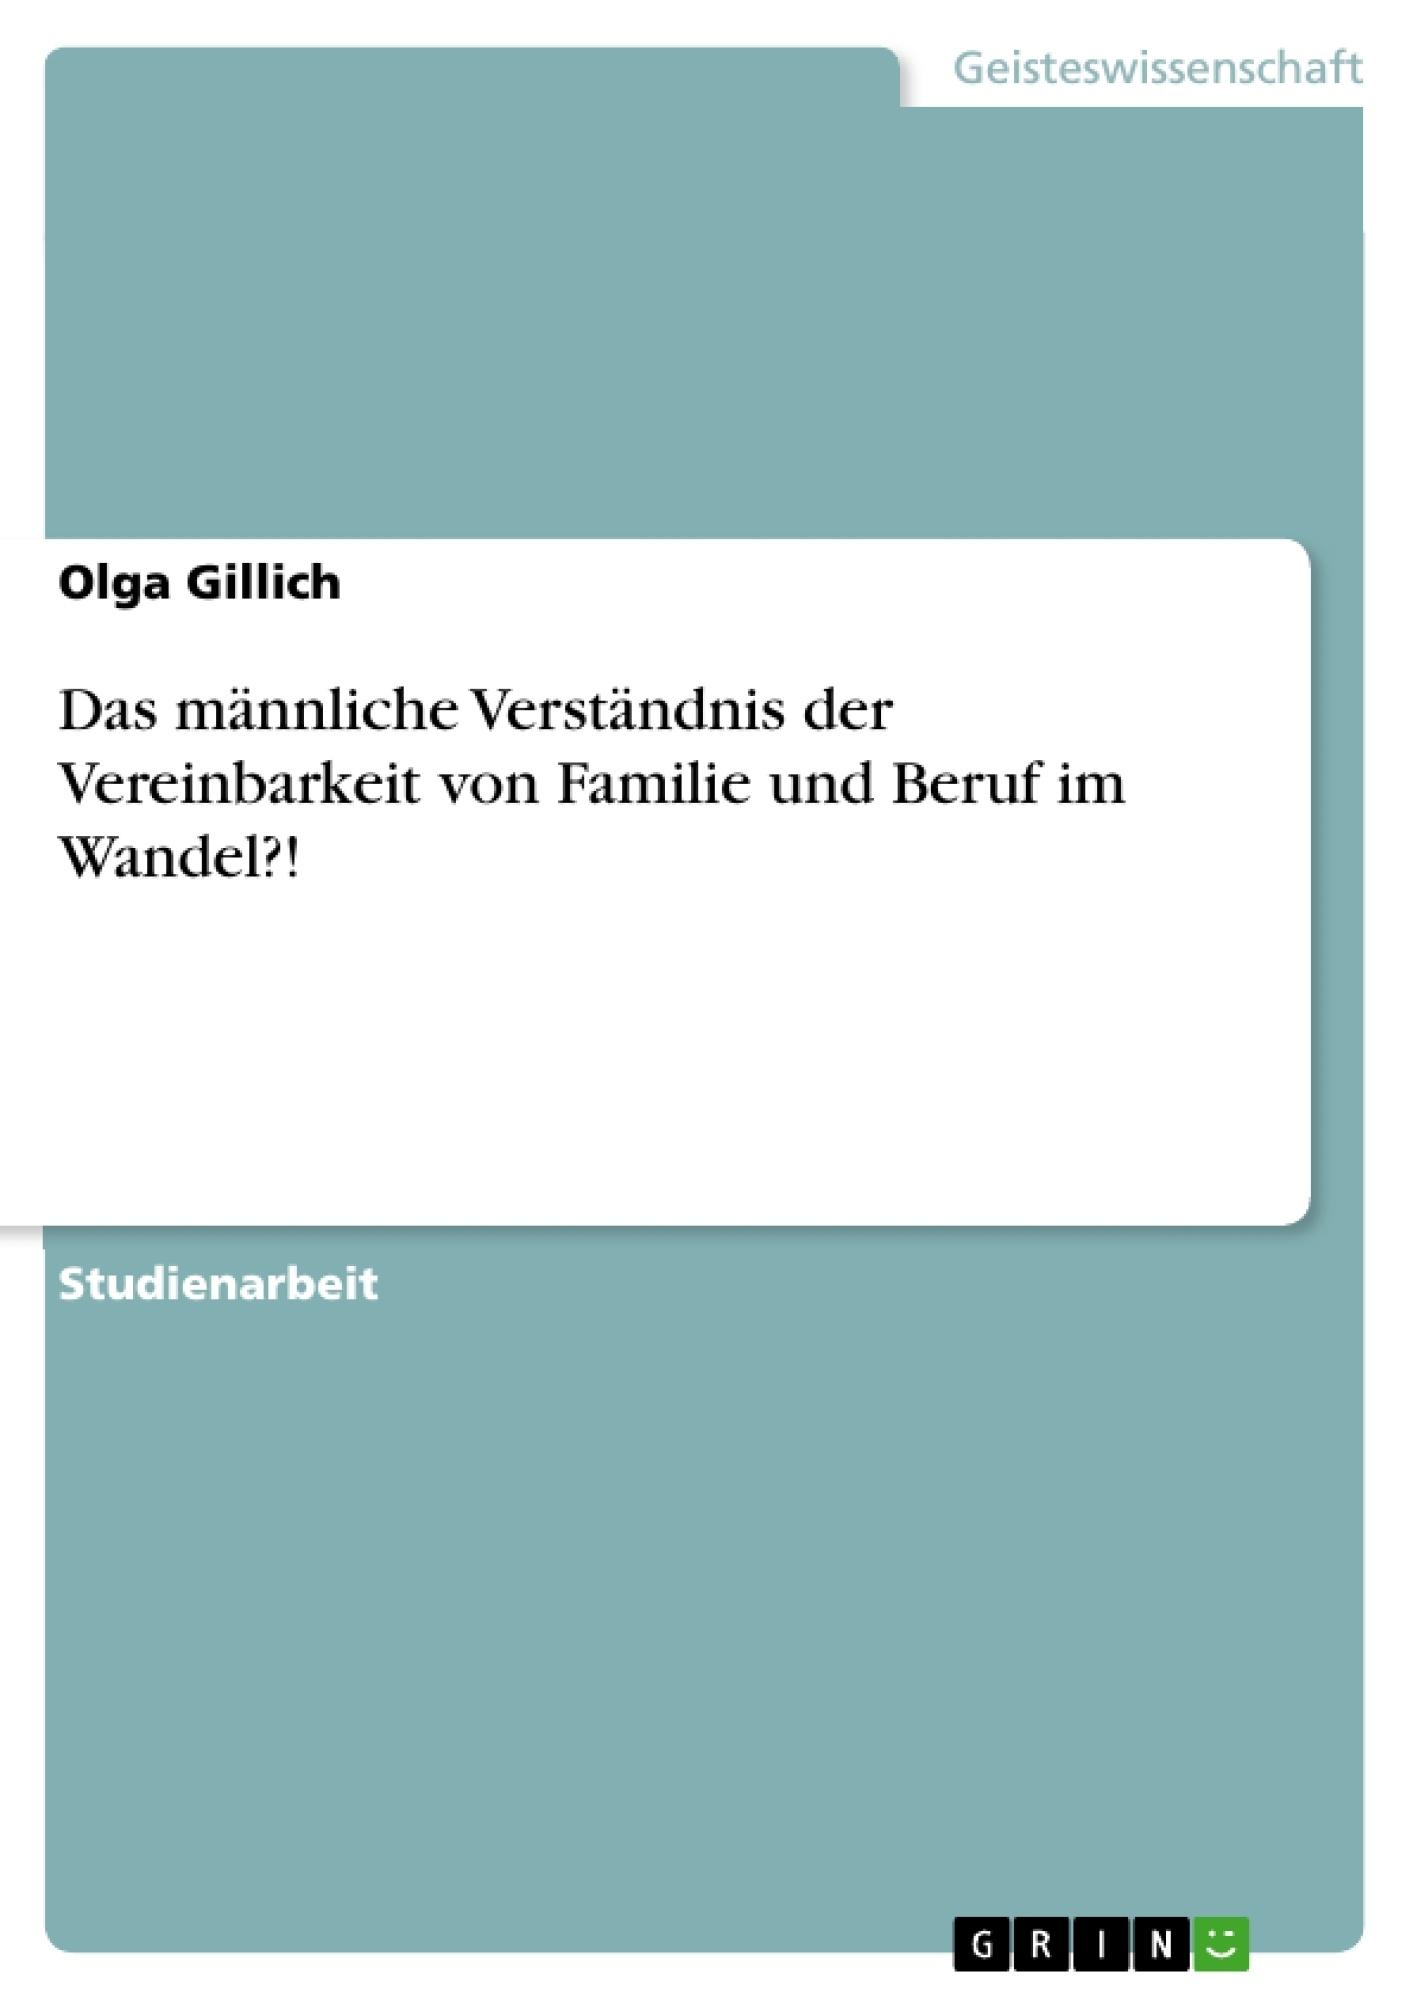 Titel: Das männliche Verständnis der Vereinbarkeit von Familie und Beruf im Wandel?!